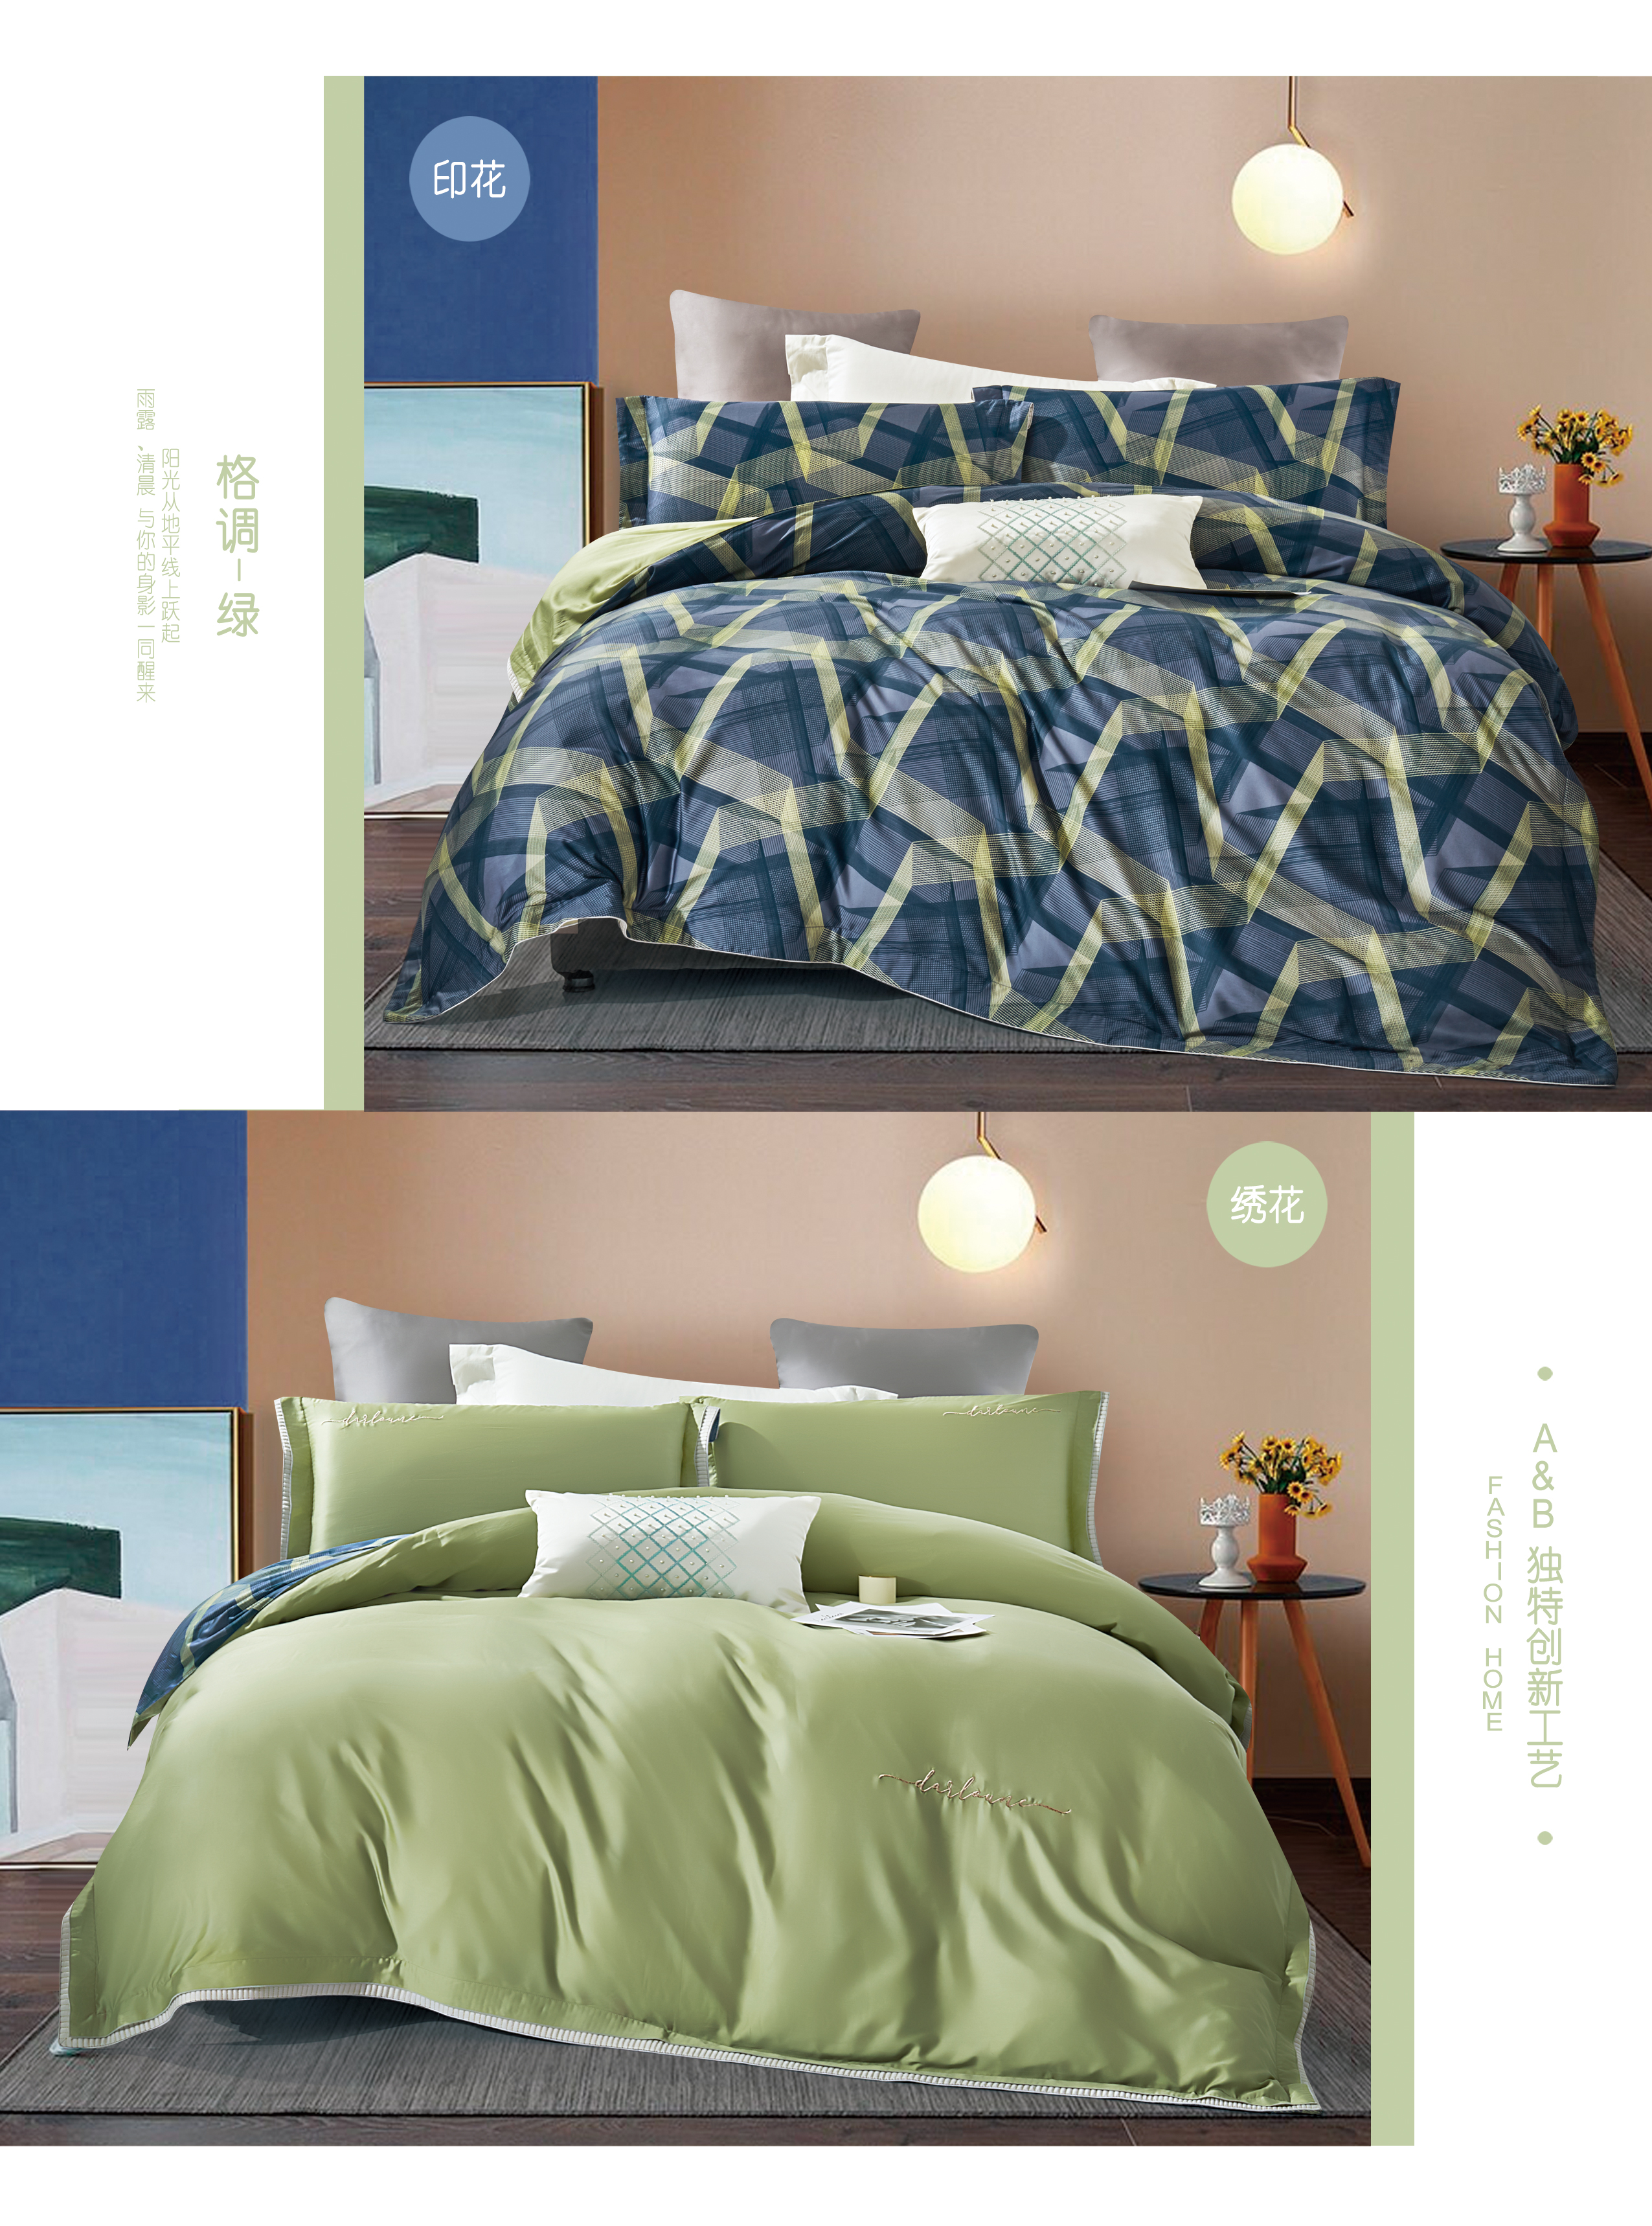 臻棉天絲床蓋雙麵款四件套-格調&綠